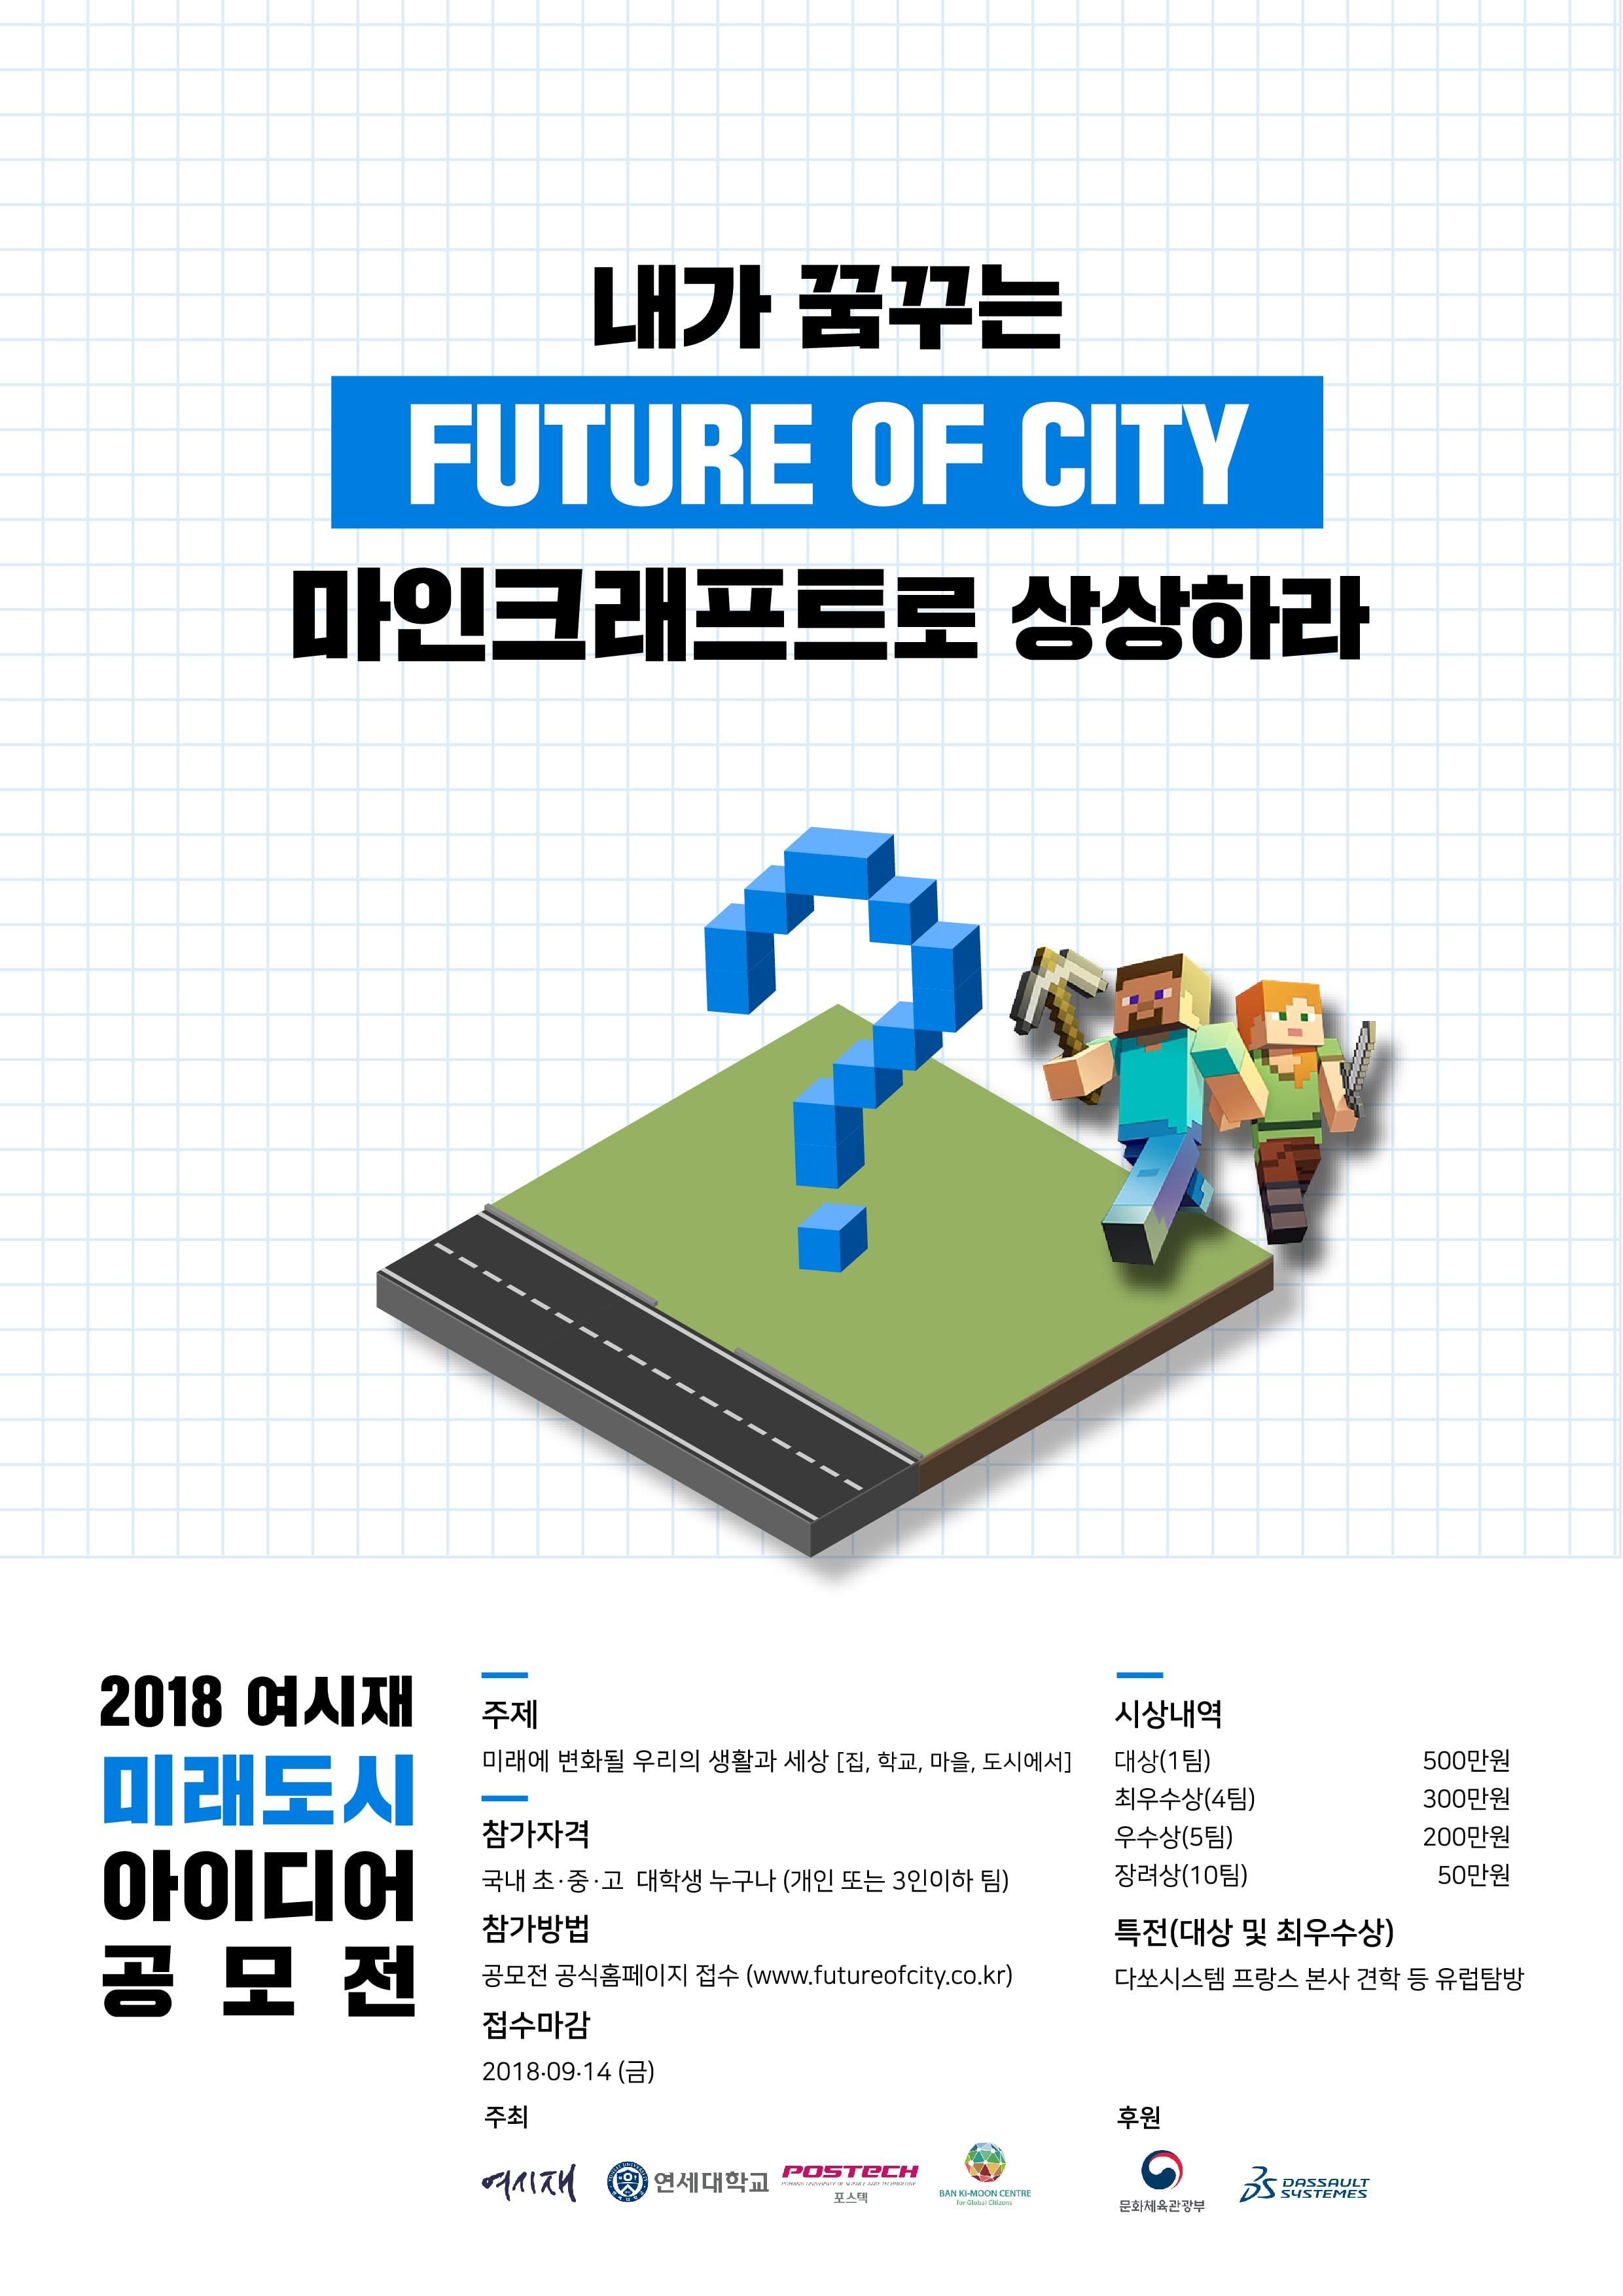 2018 여시재 미래도시 아이디어 공모전